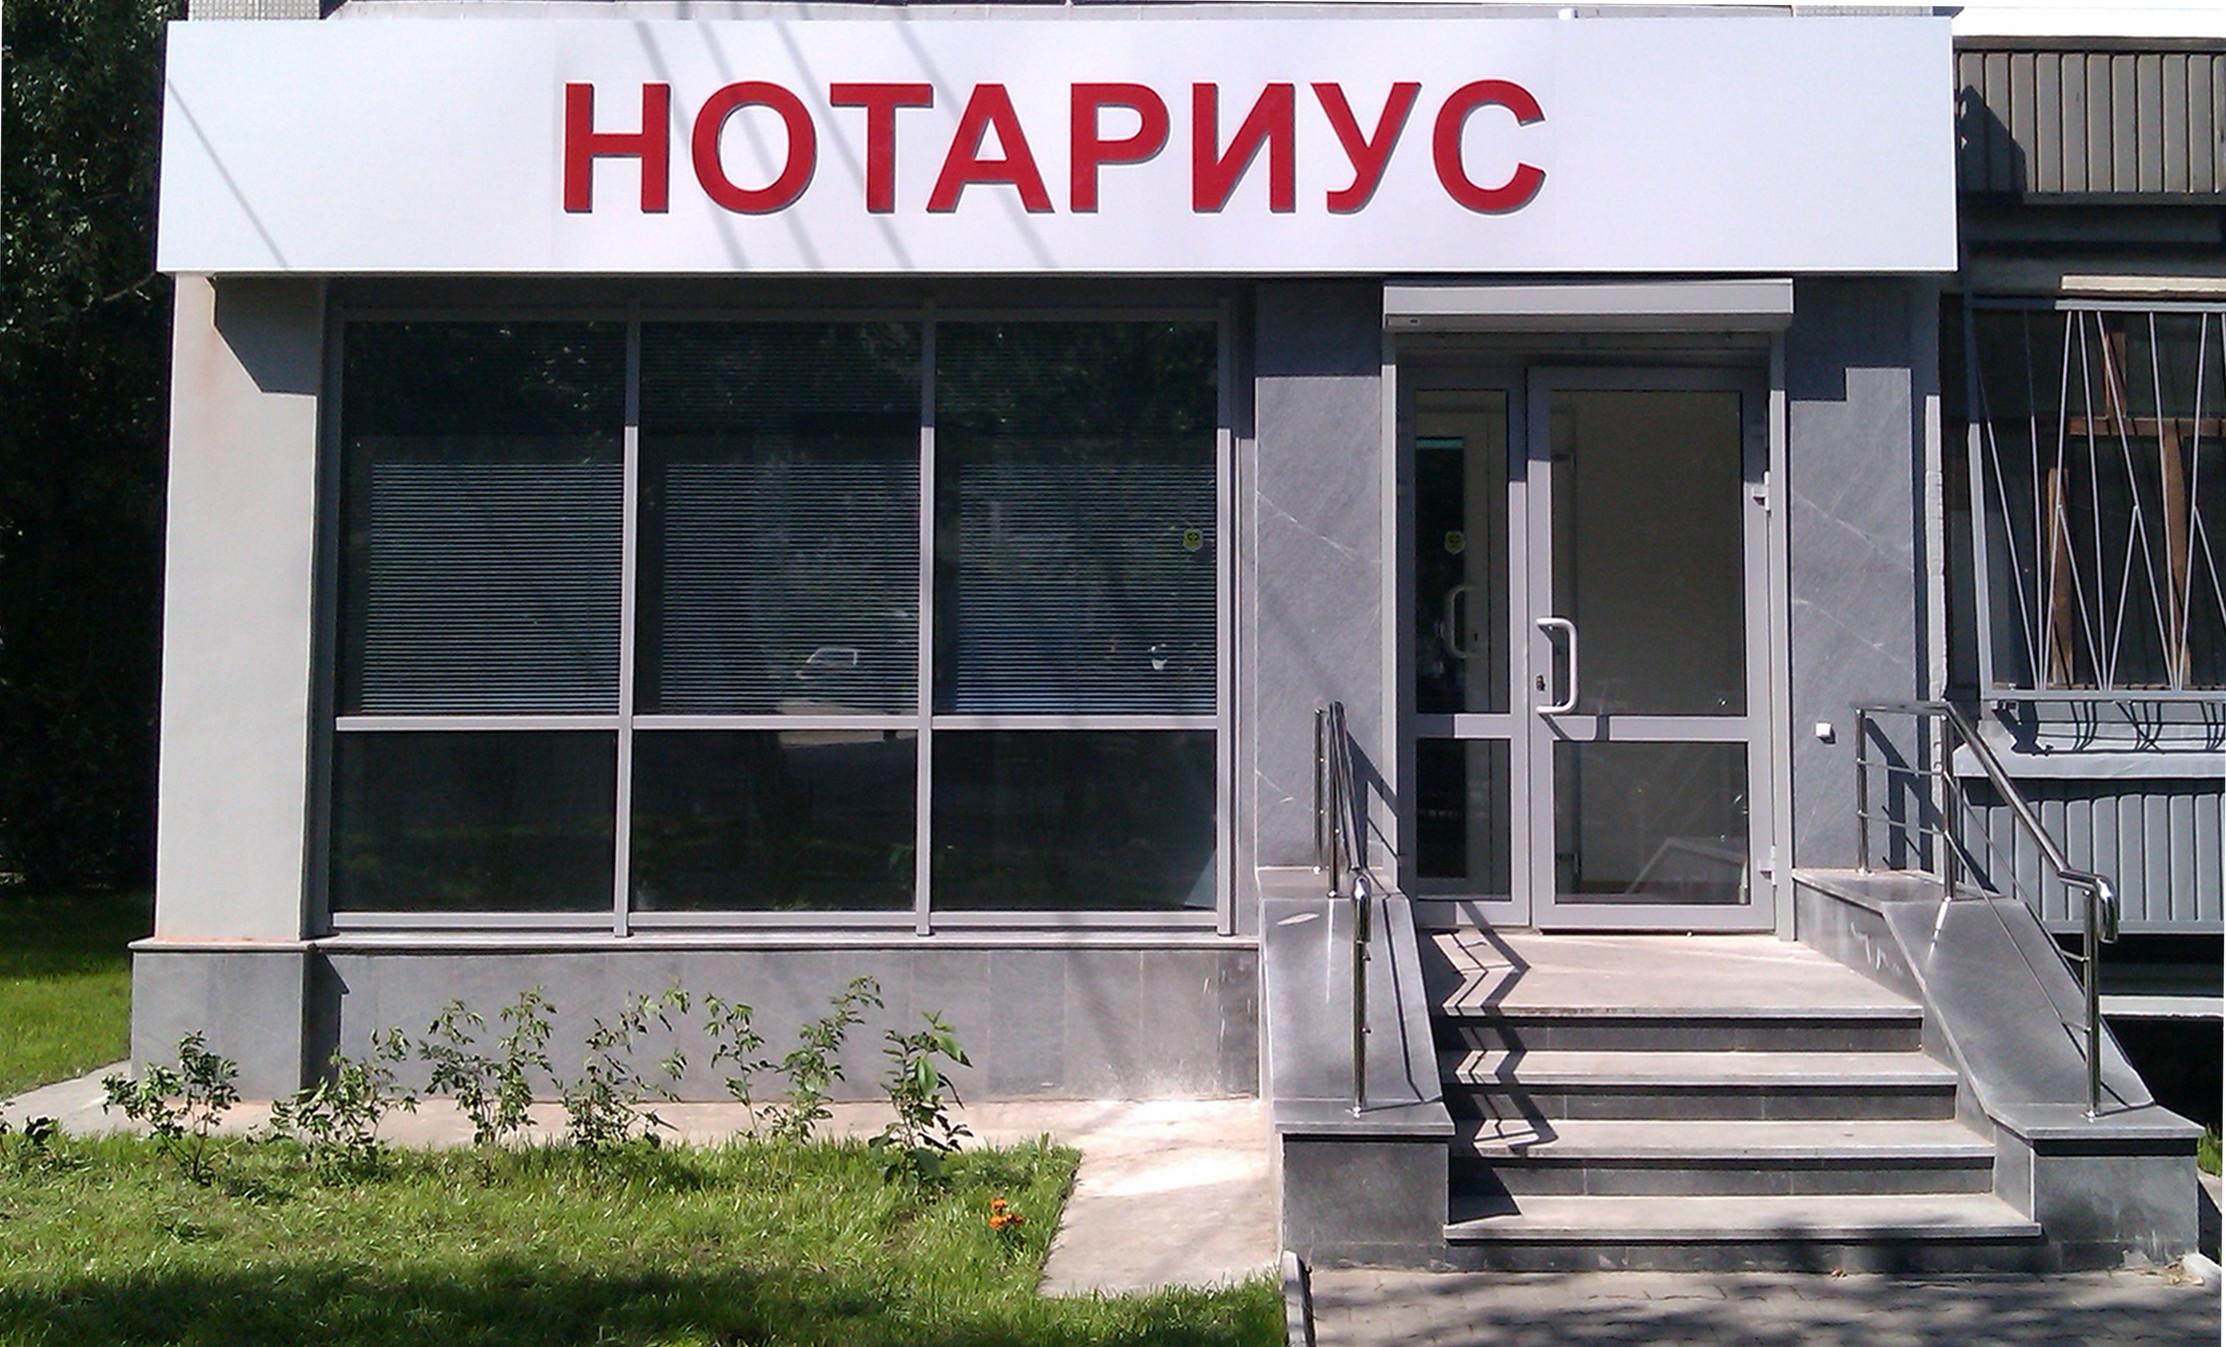 Нотариус Екатеринбург в районе Уралмаш, Эльмаш, Вокзал